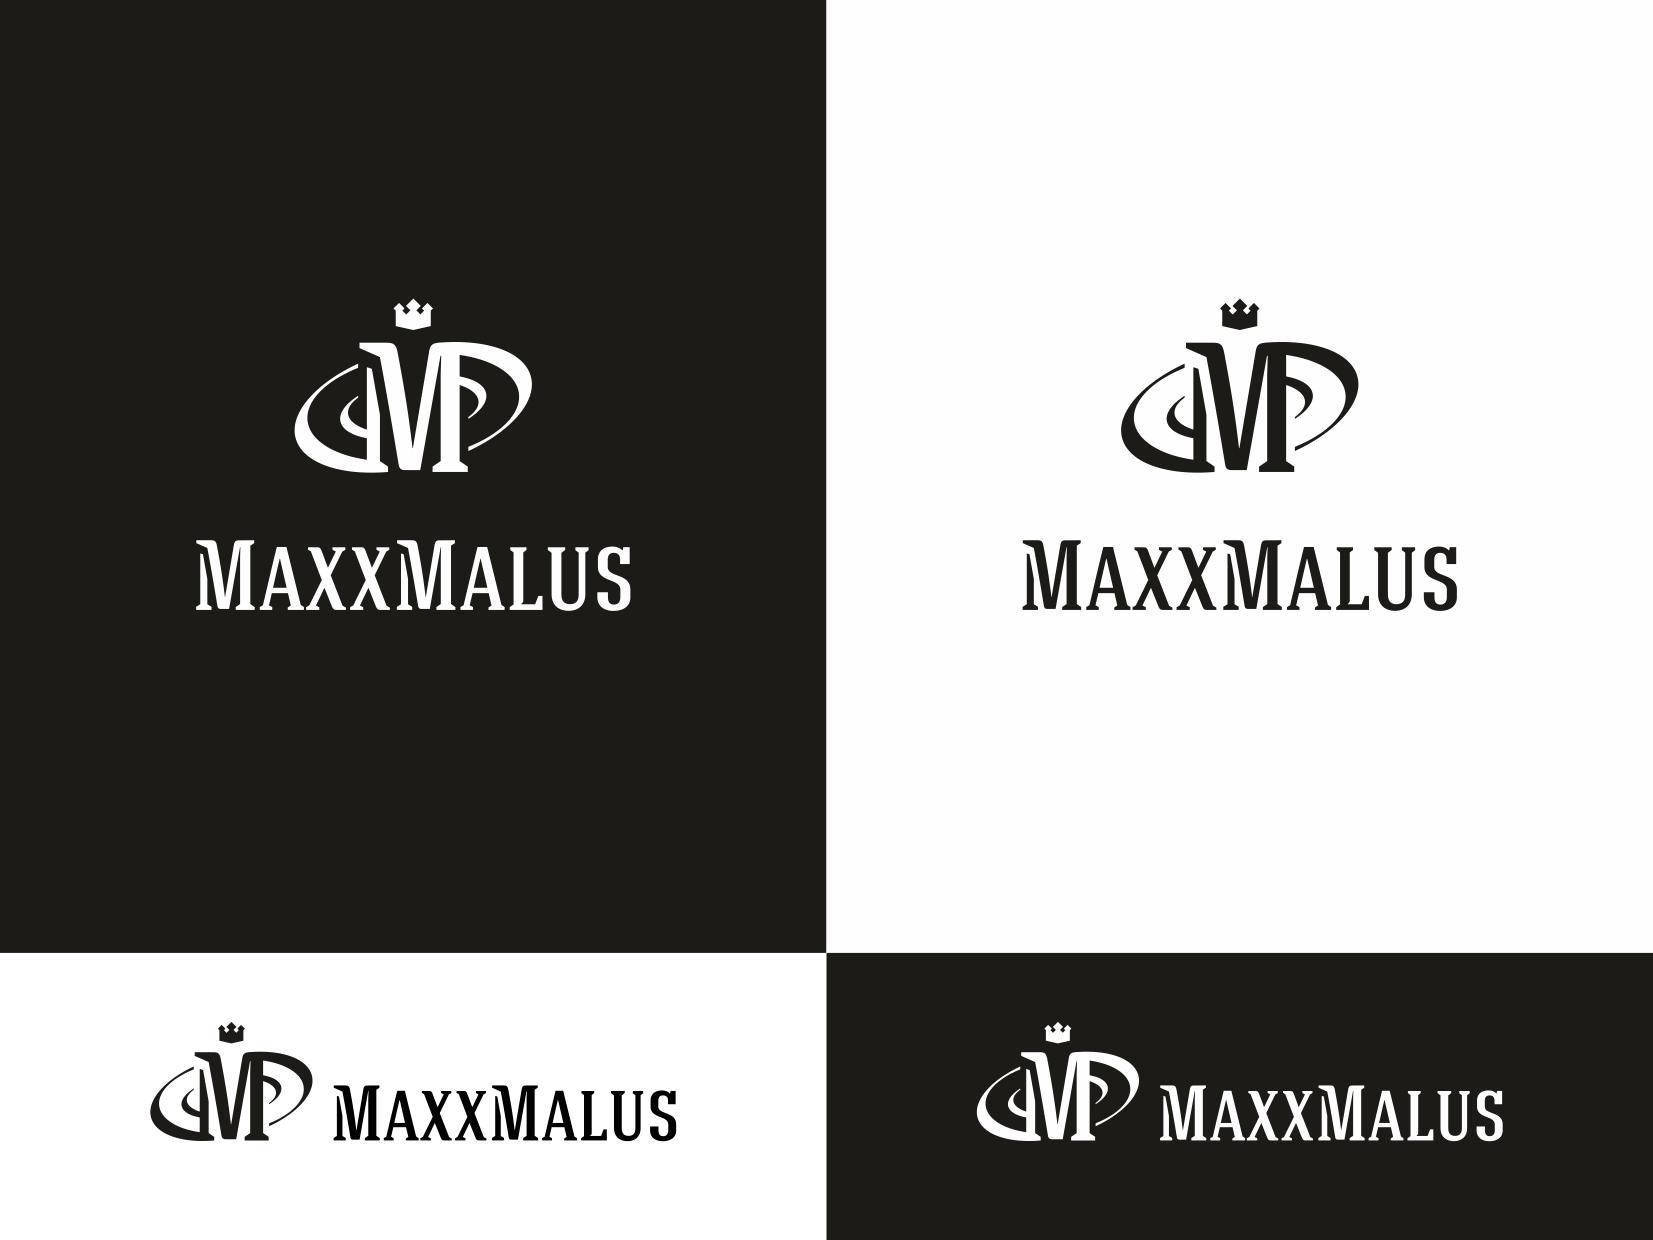 Логотип для нового бренда повседневной посуды фото f_2635ba379be3374b.png